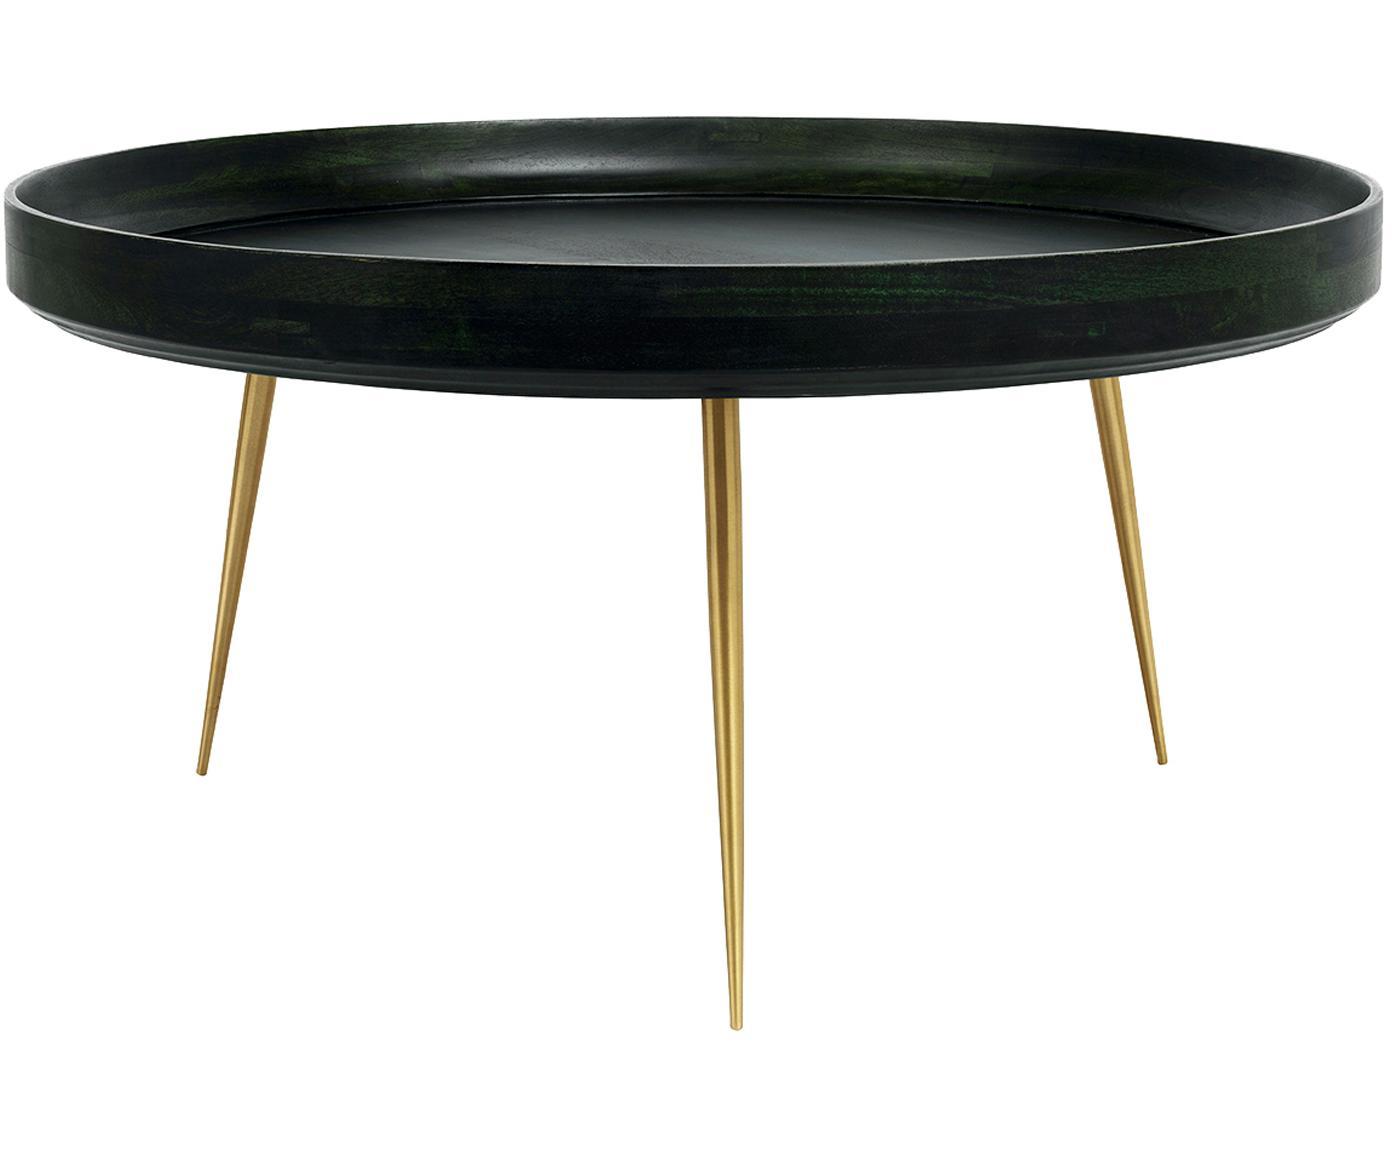 Tavolino da salotto di design Bowl Table, Piano d'appoggio: legno di mango rivestito , Gambe: metallo ottone placcato, Verde nori, colori ottone, Ø 75 x Alt. 38 cm